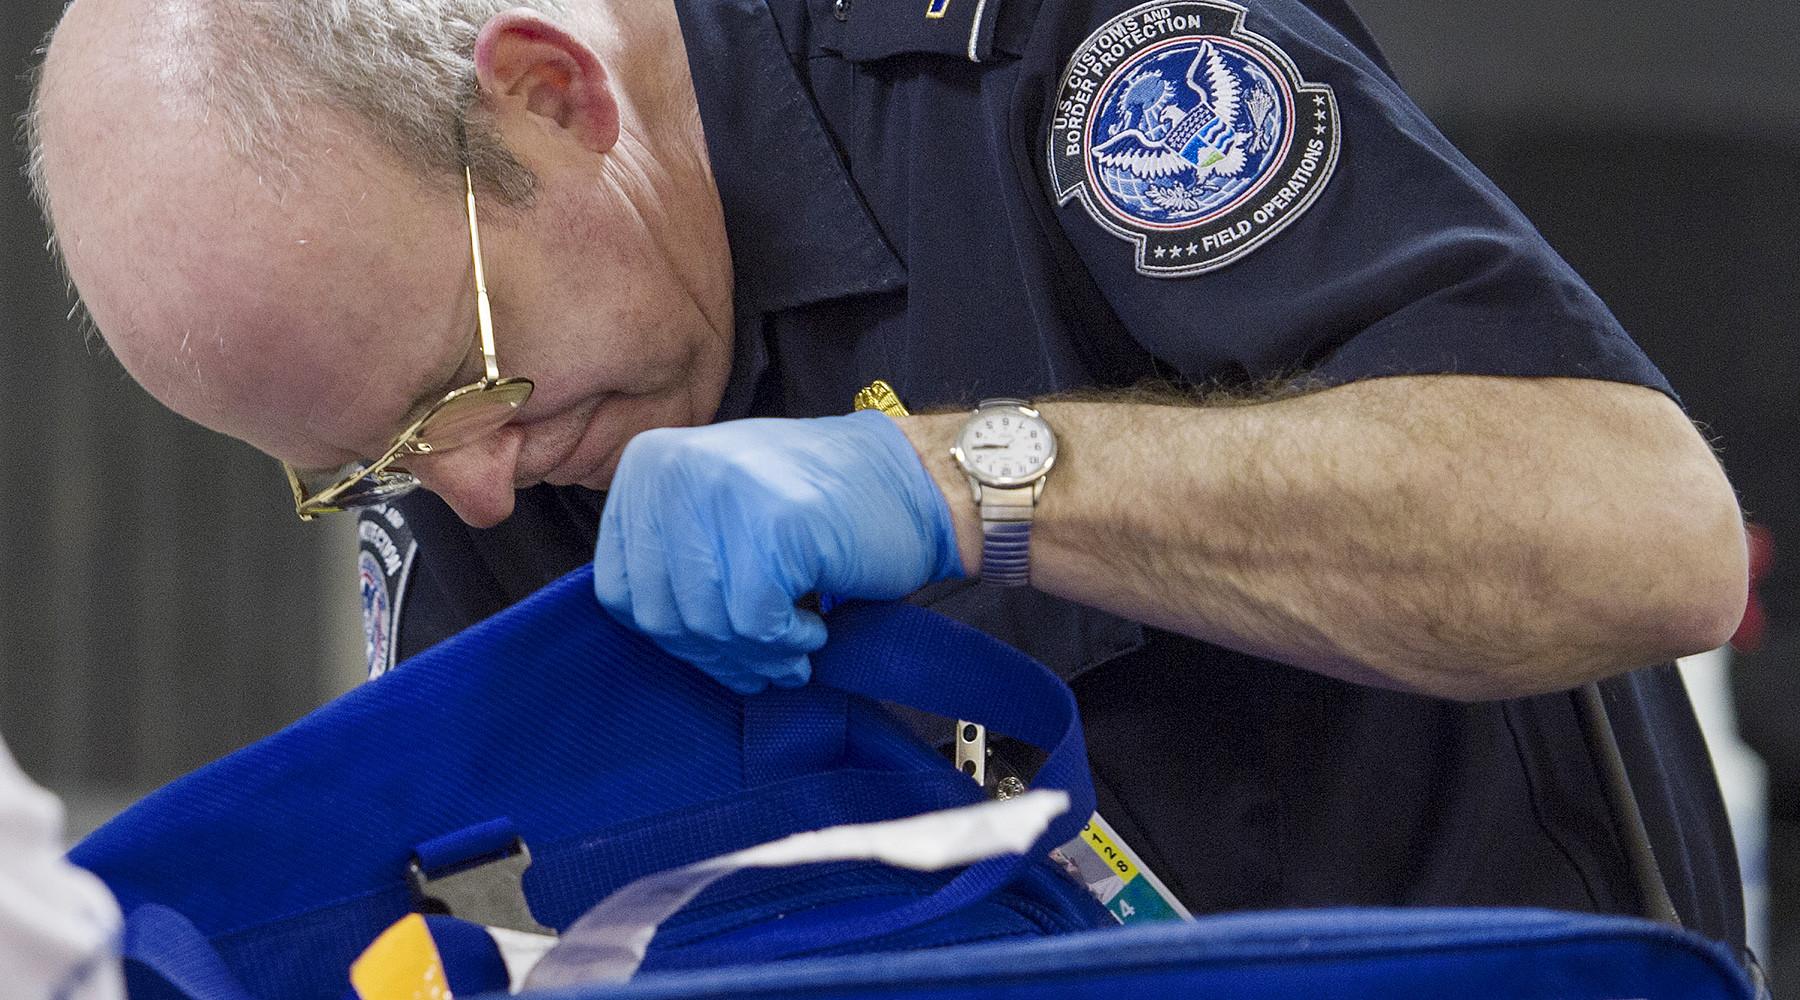 Американские пограничники пропустили грузы с радиоактивными материалами, которые могли попасть к террористам